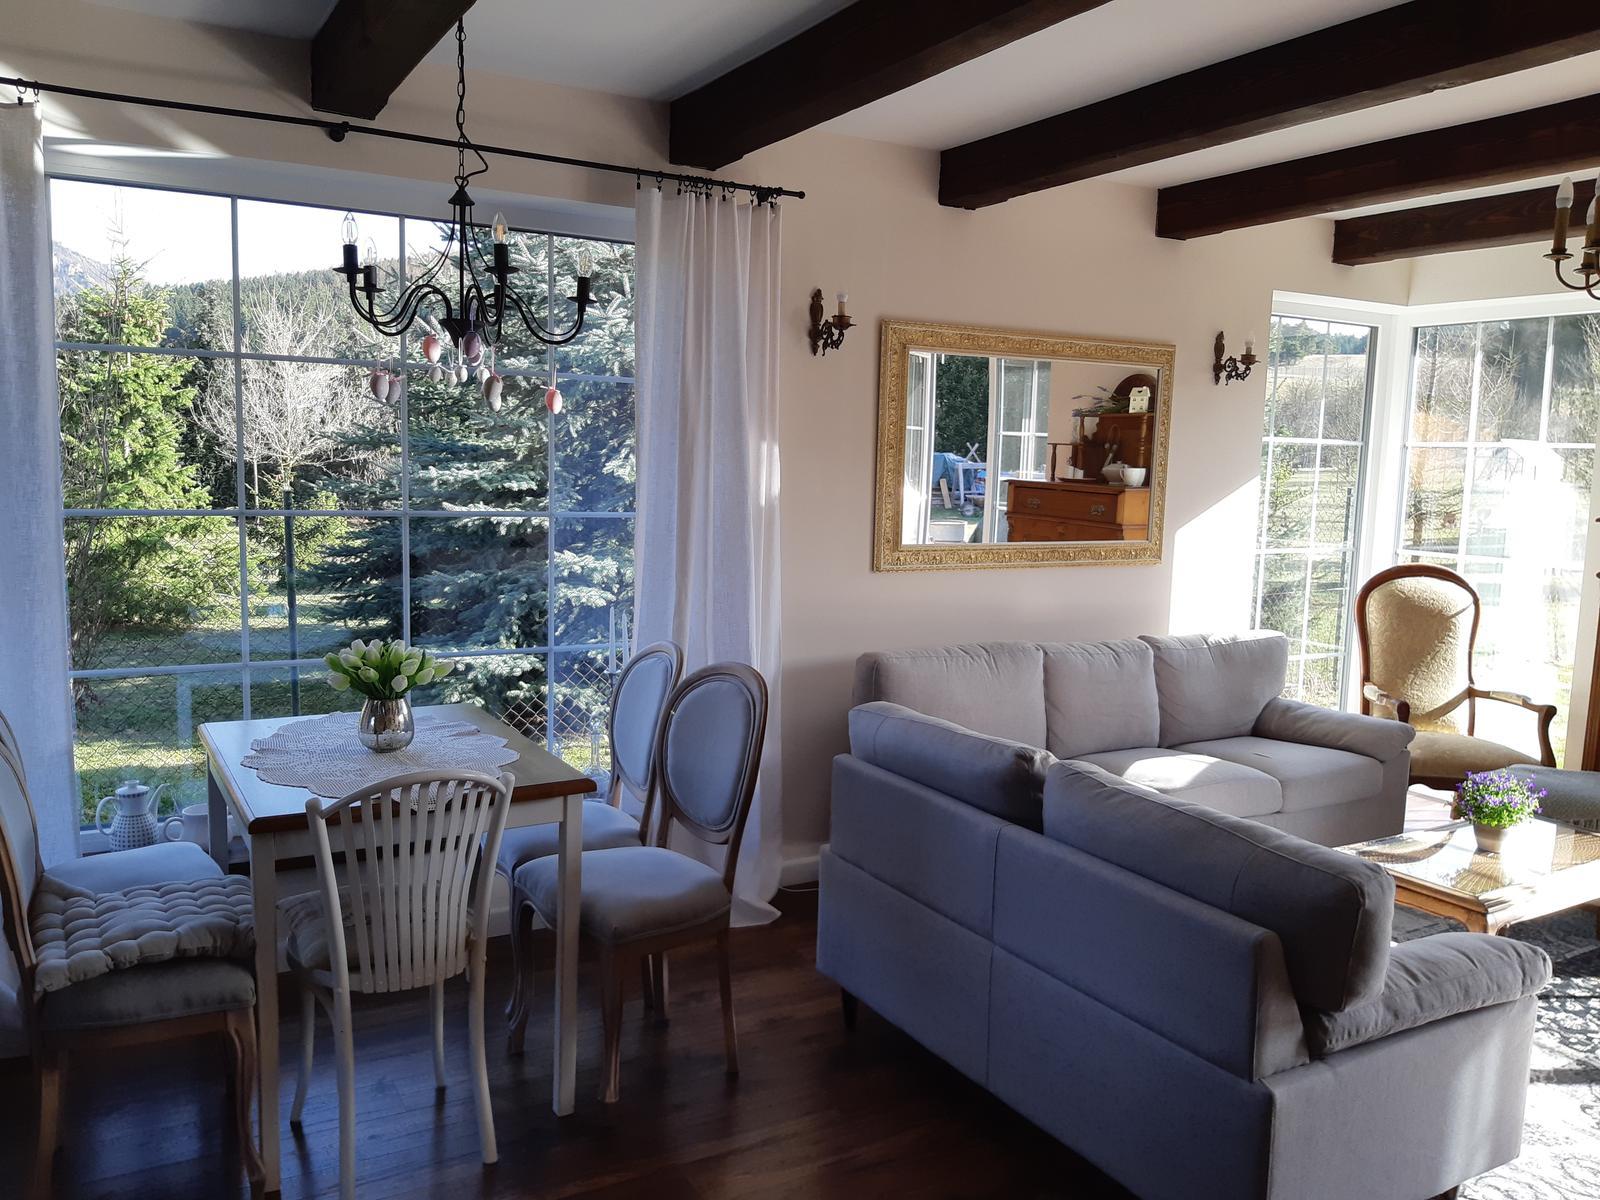 Náš nový domov-už bývame :-) - Obrázok č. 45